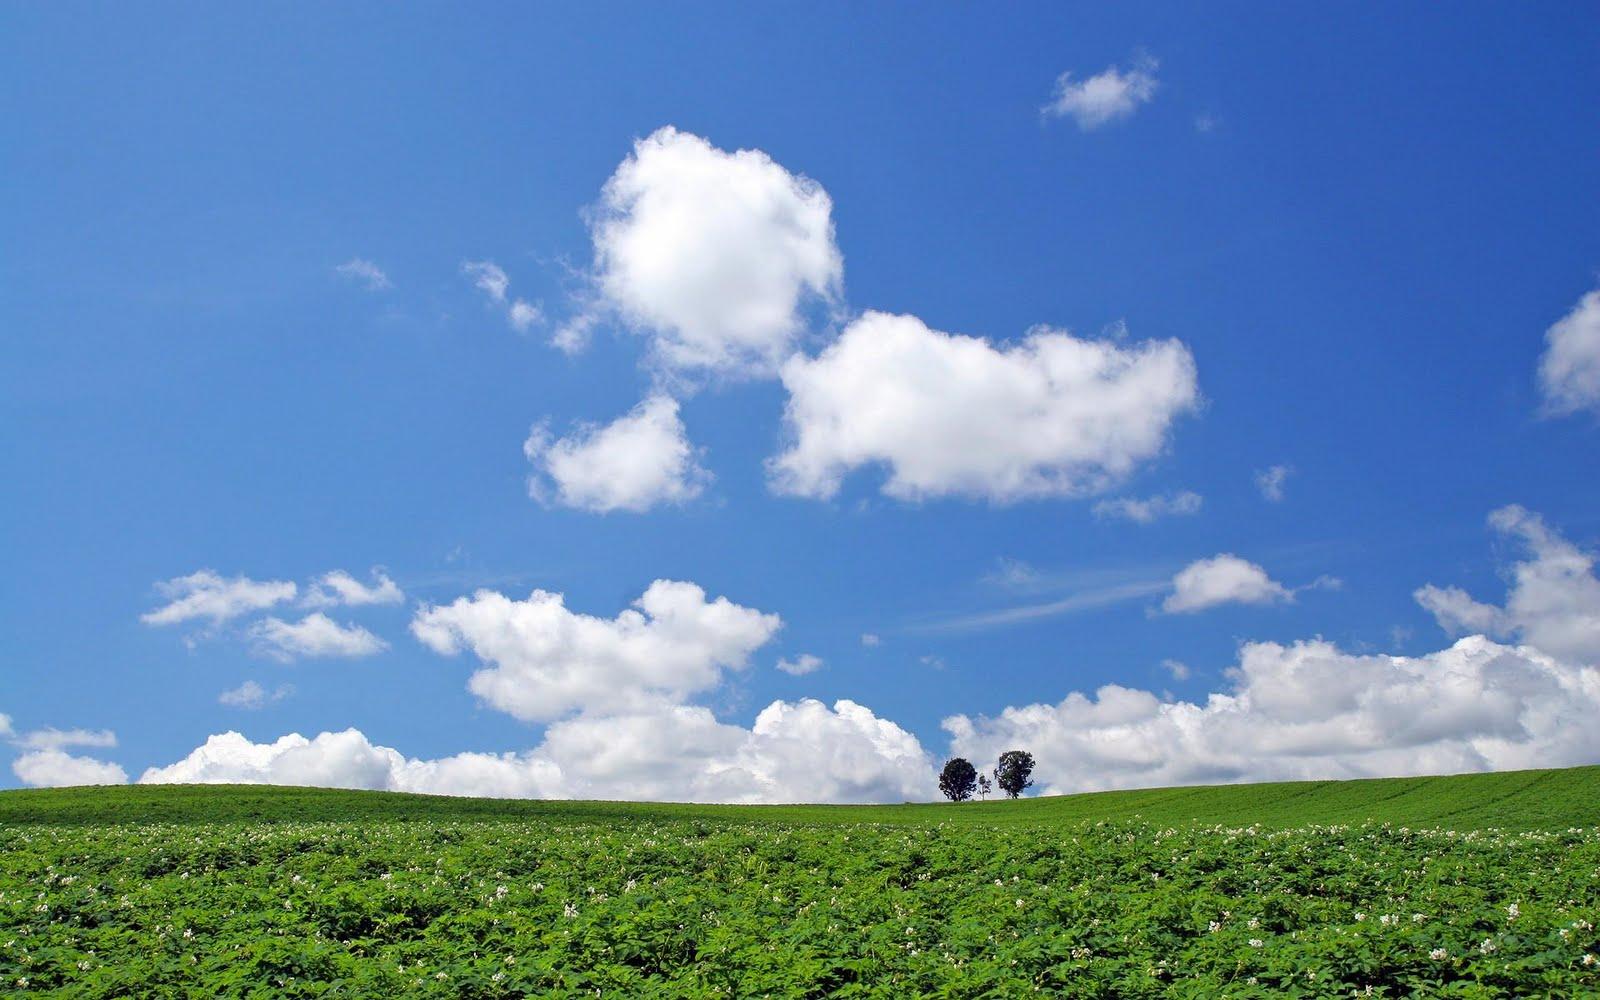 japan hokkaido landscape image - photo #5